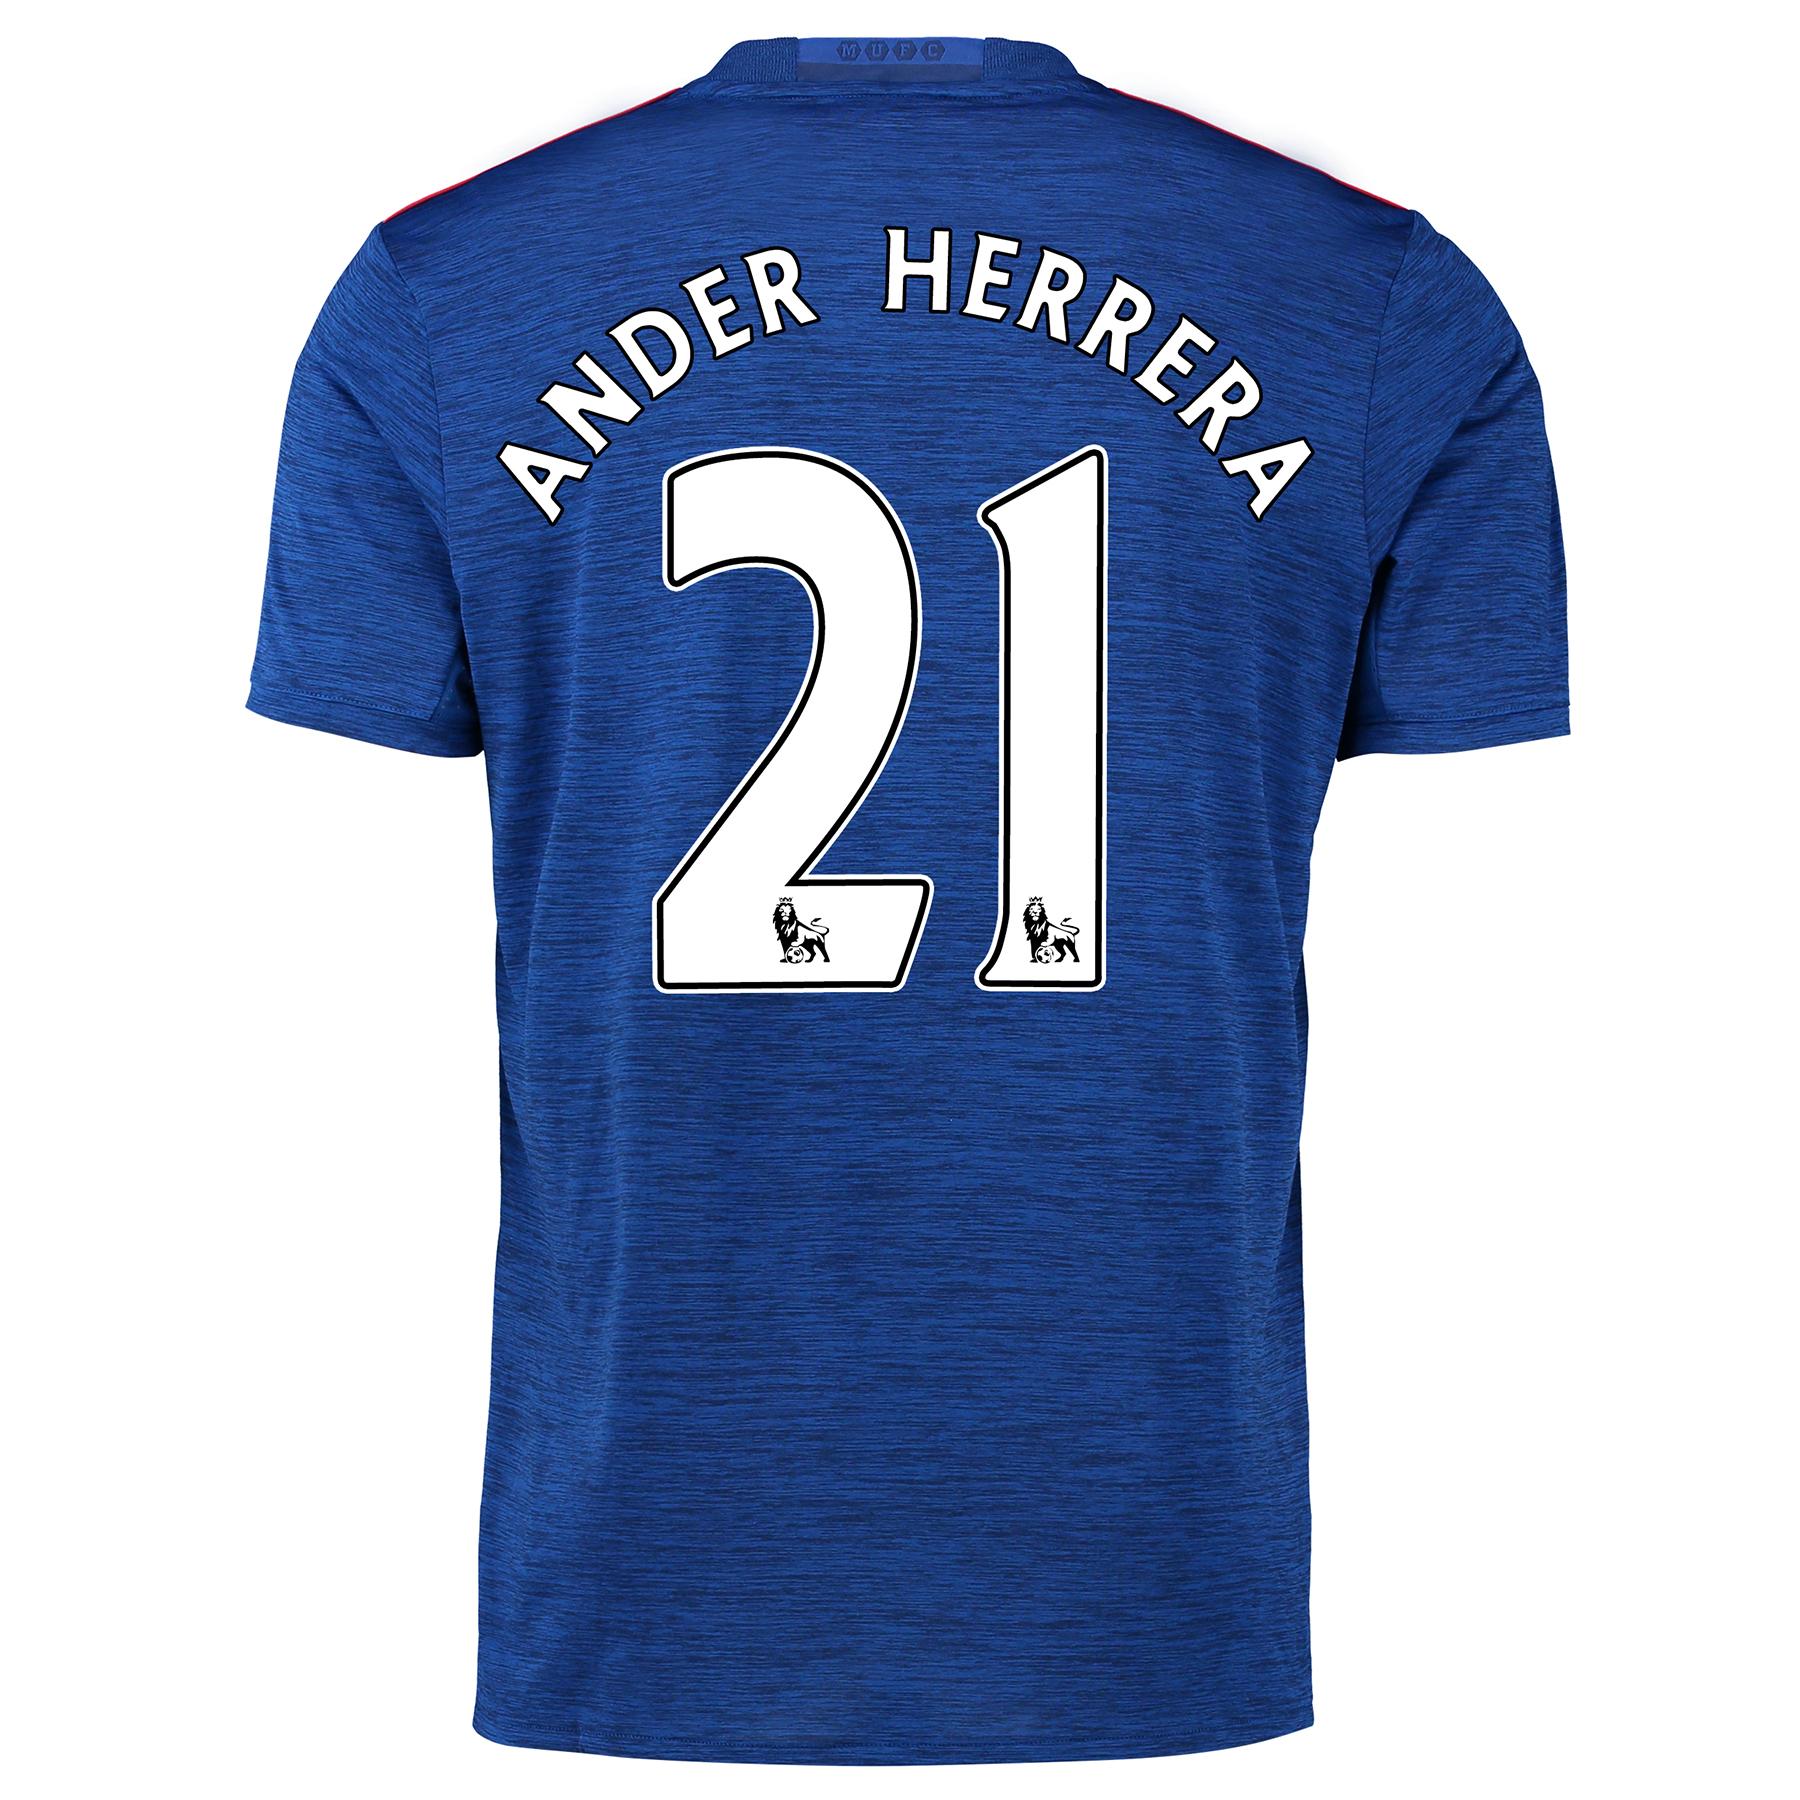 Manchester United Away Shirt 2016-17 with Herrera 21 printing